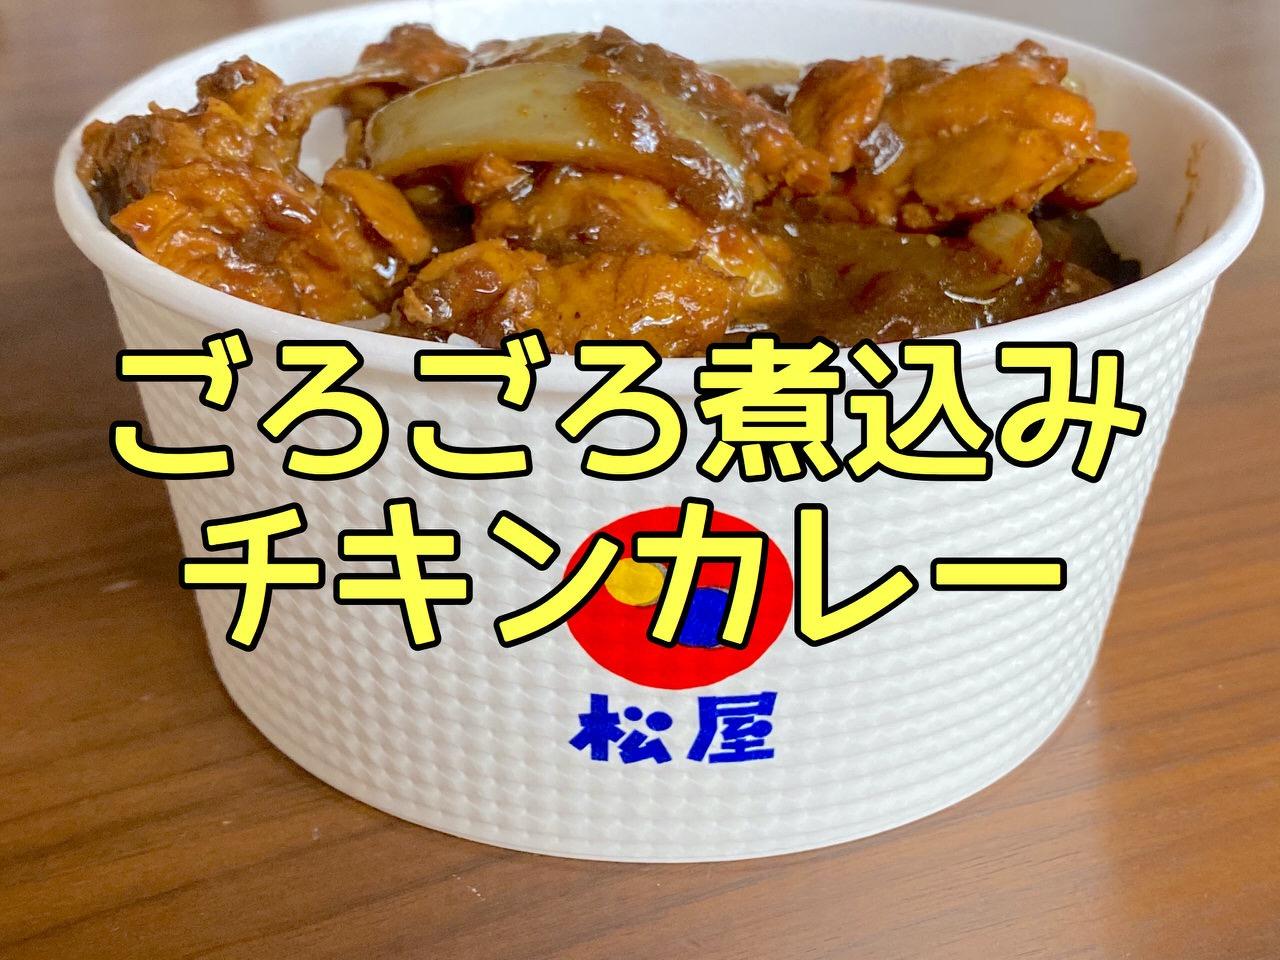 【松屋】「ごろごろ煮込みチキンカレー」をテイクアウトして食べてみた!【限定復活】